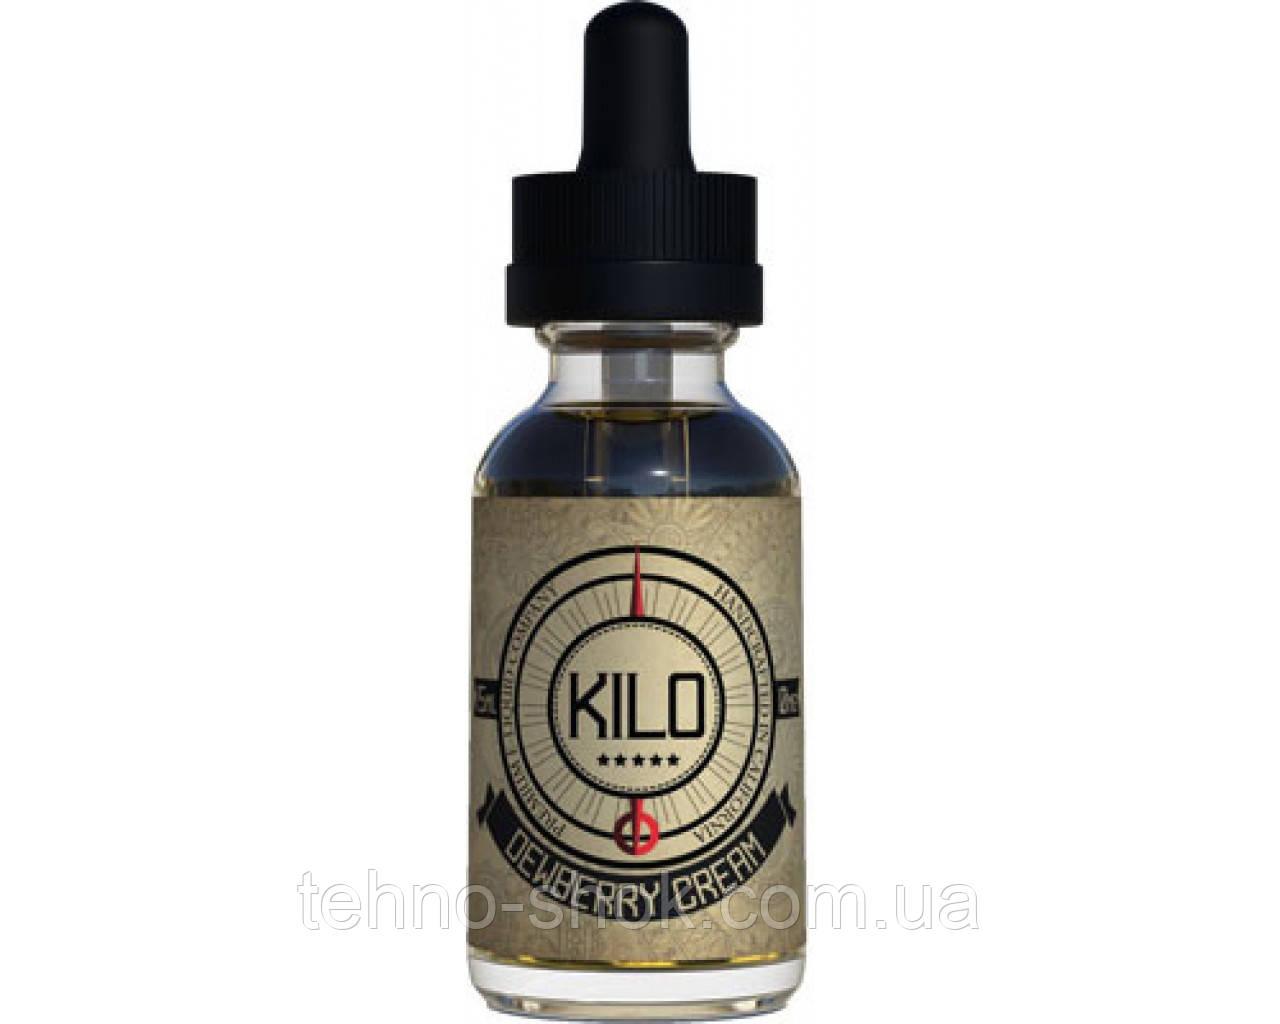 """Жидкость для электронных сигарет Kilo 30ml """"Dewberry Cream"""""""